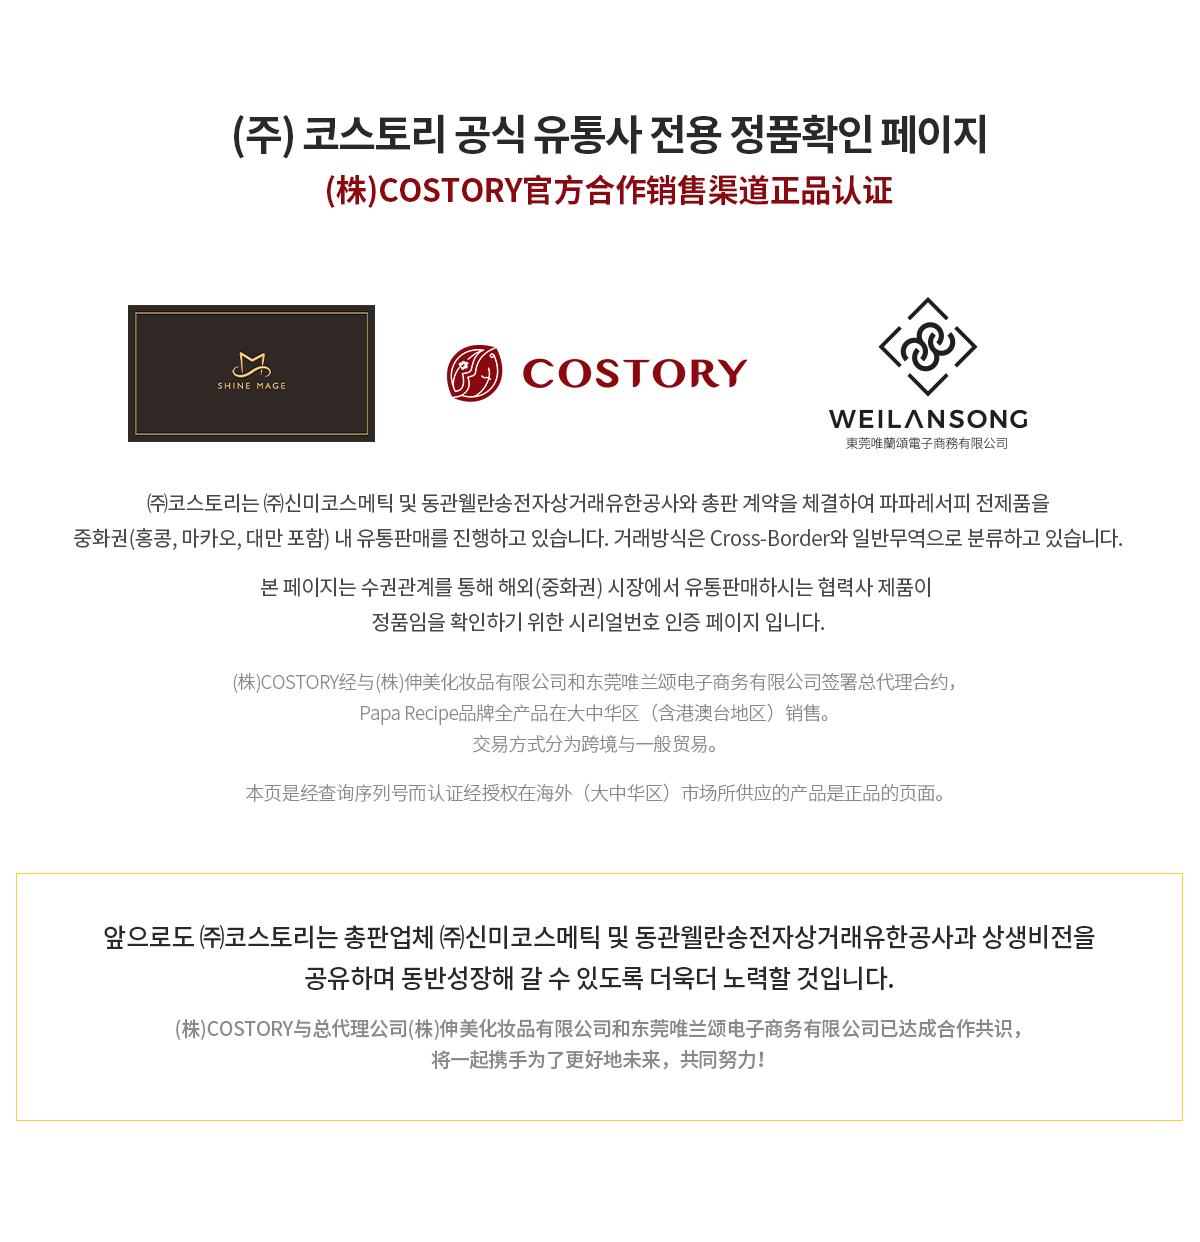 코스토리 공식 유통사 전용 정품확인 페이지